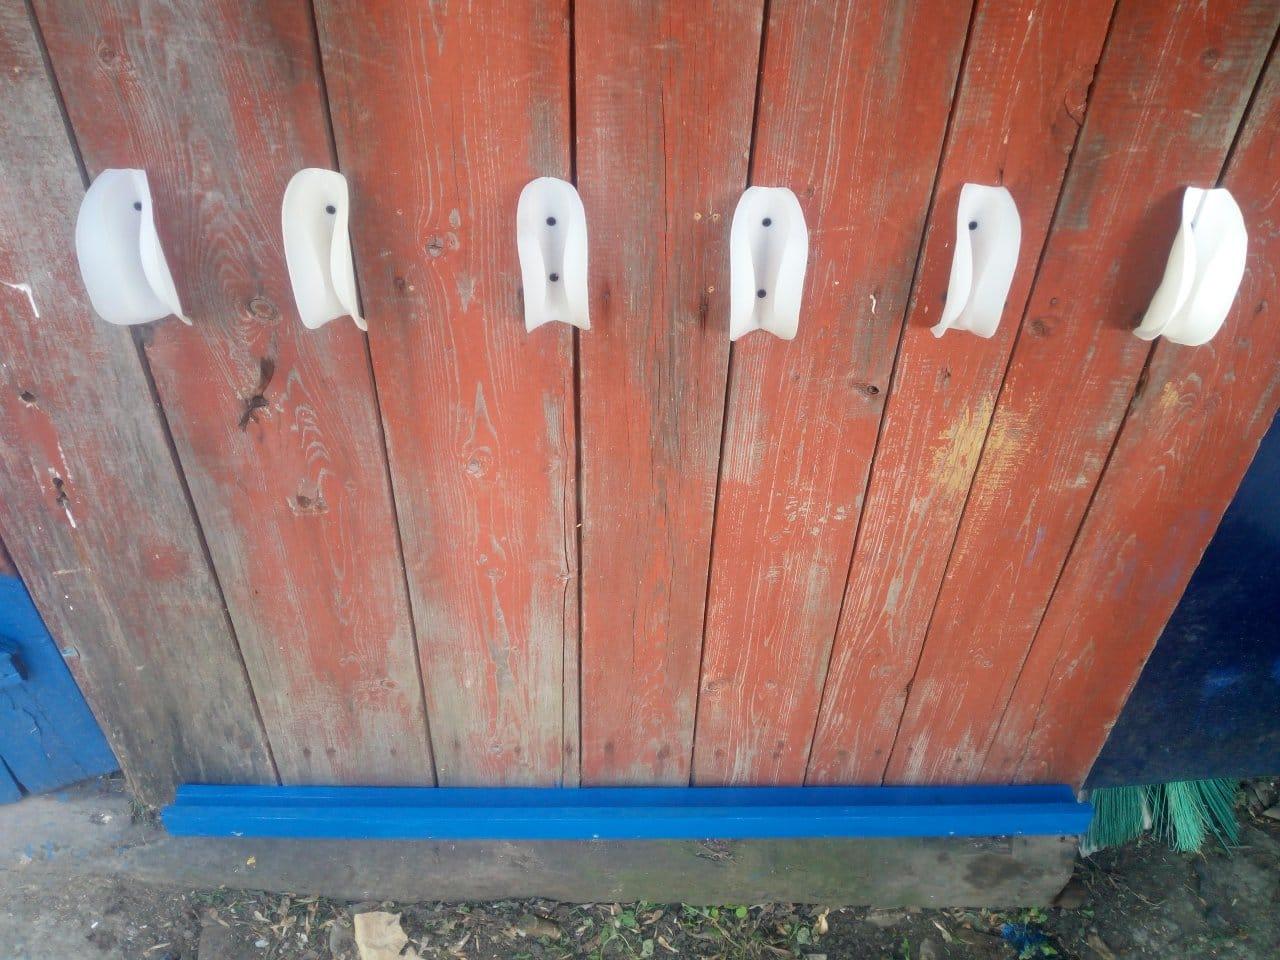 Держатели садового инструмента из канистр от омывающих жидкостей